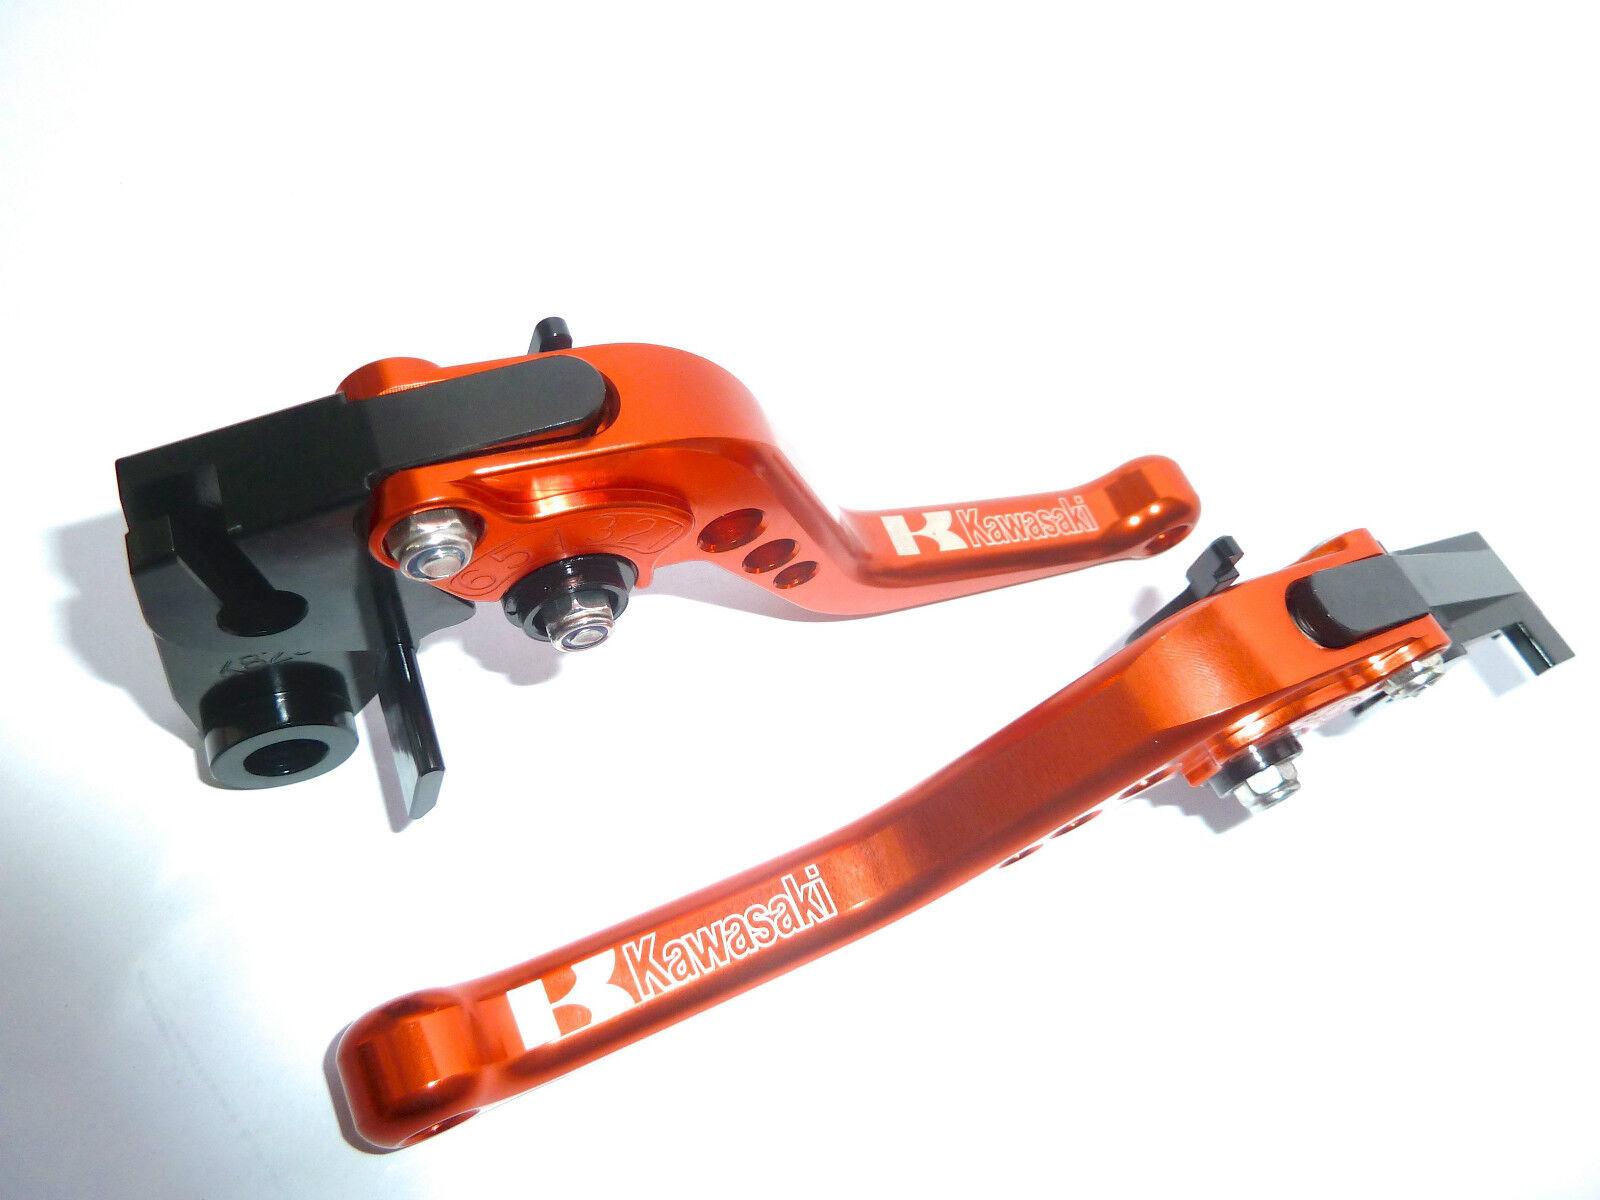 Kawasaki Z800 2013-2016 Kurz Orange Bremse und Kupplungshebel Satz Race Track